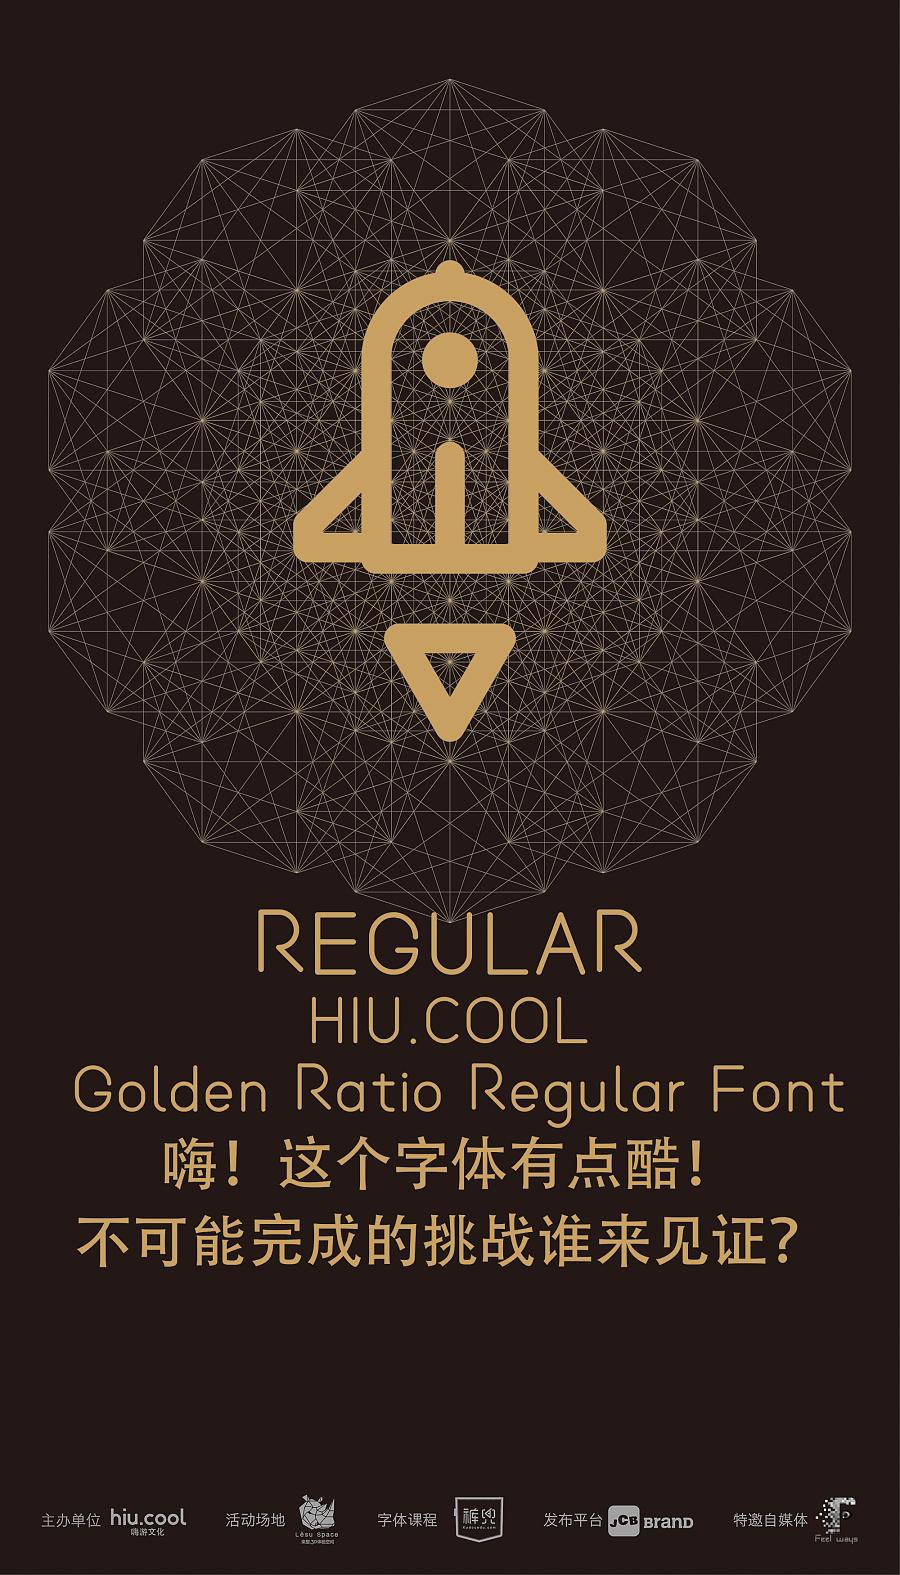 一款免费家装的比例商用英文字体|字体/字博洛尼黄金设计师图片